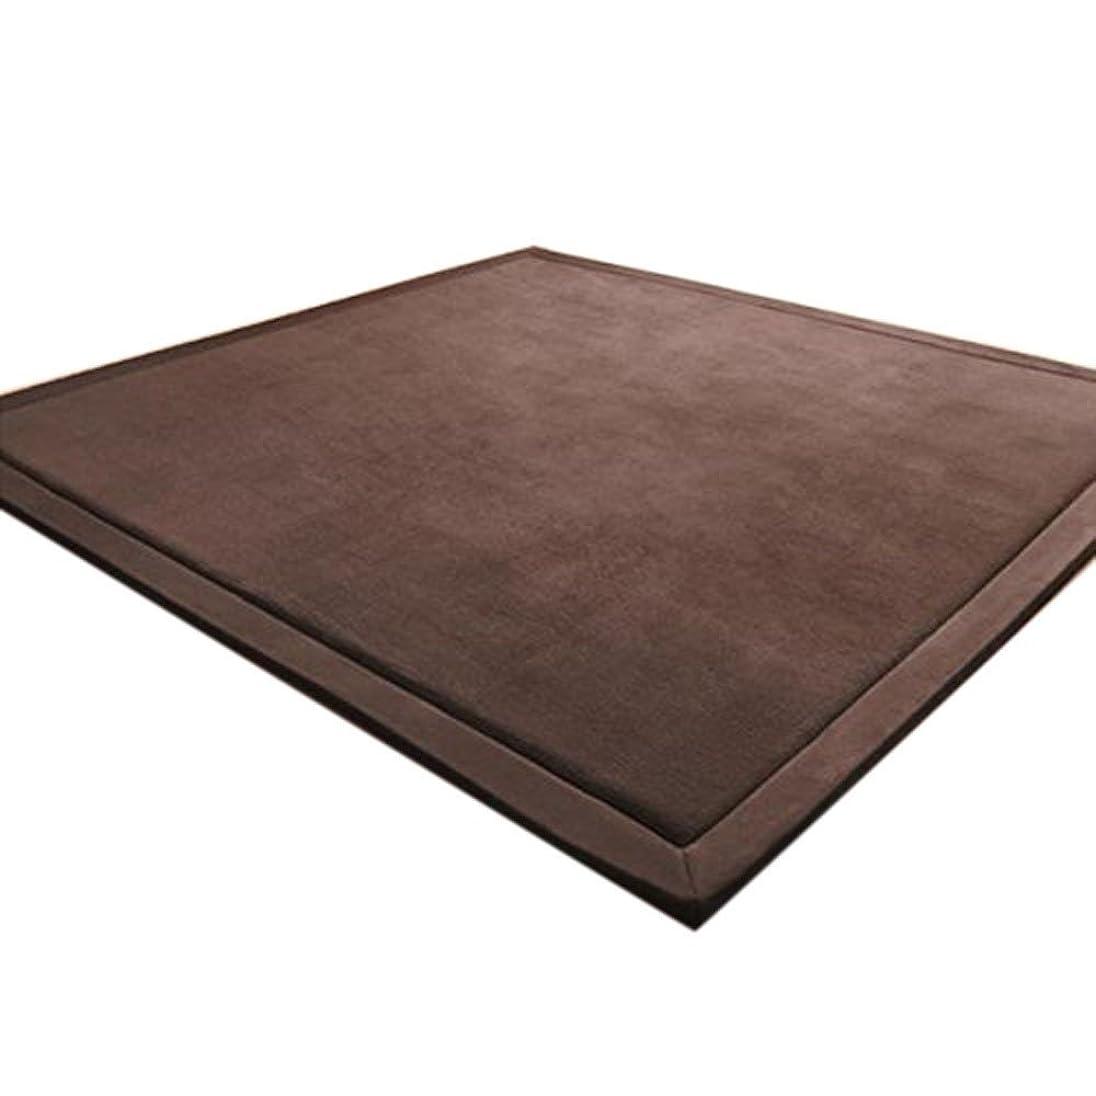 現金ユーザー単調なChinaface 床暖房対応フランネル厚子どもたちが地域の寝室会議室の研究に座ってマットをクロールして発泡ラグカーペット防音ふわふわラグスリップが適用される(180 * 200センチメートル、ブラウン) 180 200センチメートル ブラウン